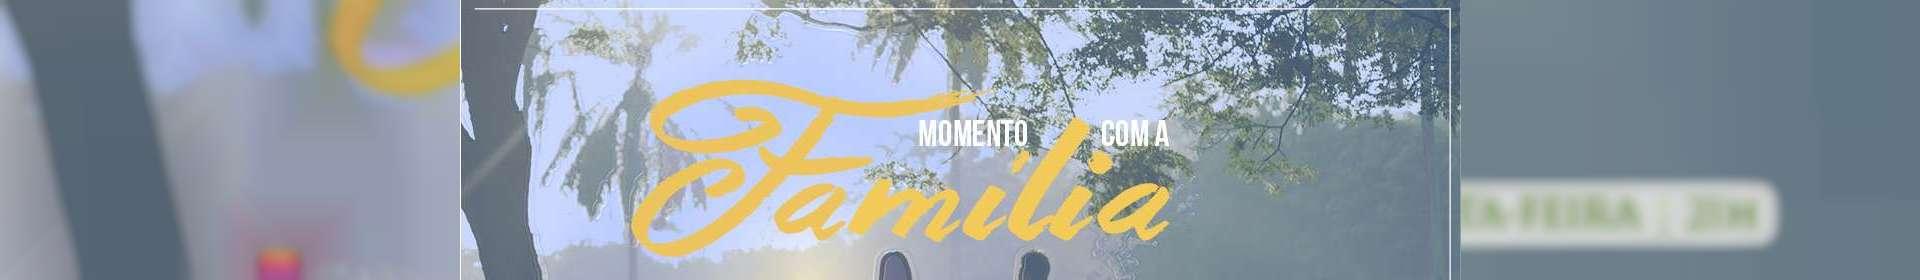 Momento com a Família - 30/08/2019